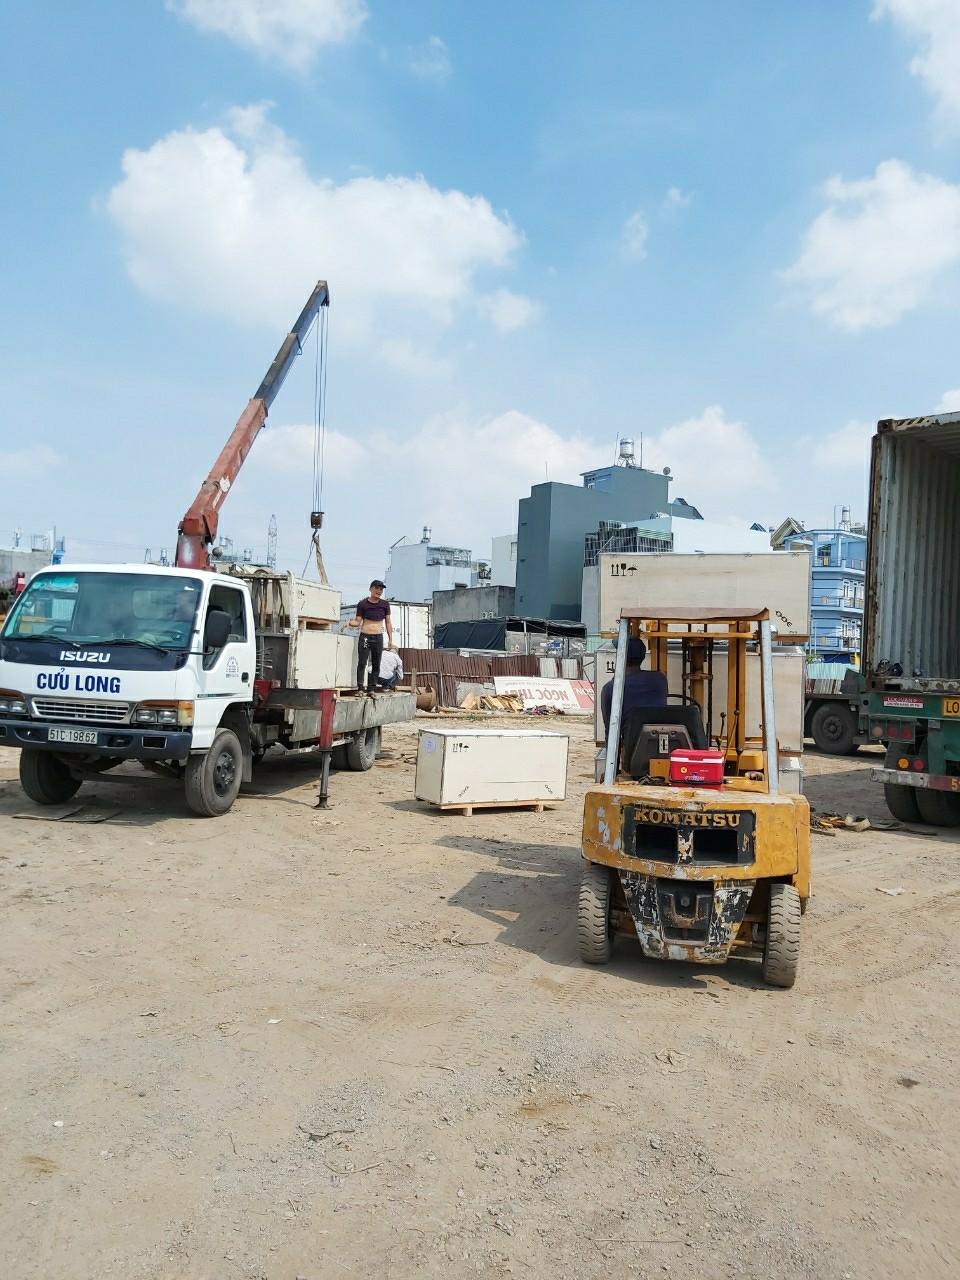 dịch vụ vận chuyển hàng hoá công ty vận tải cửu long